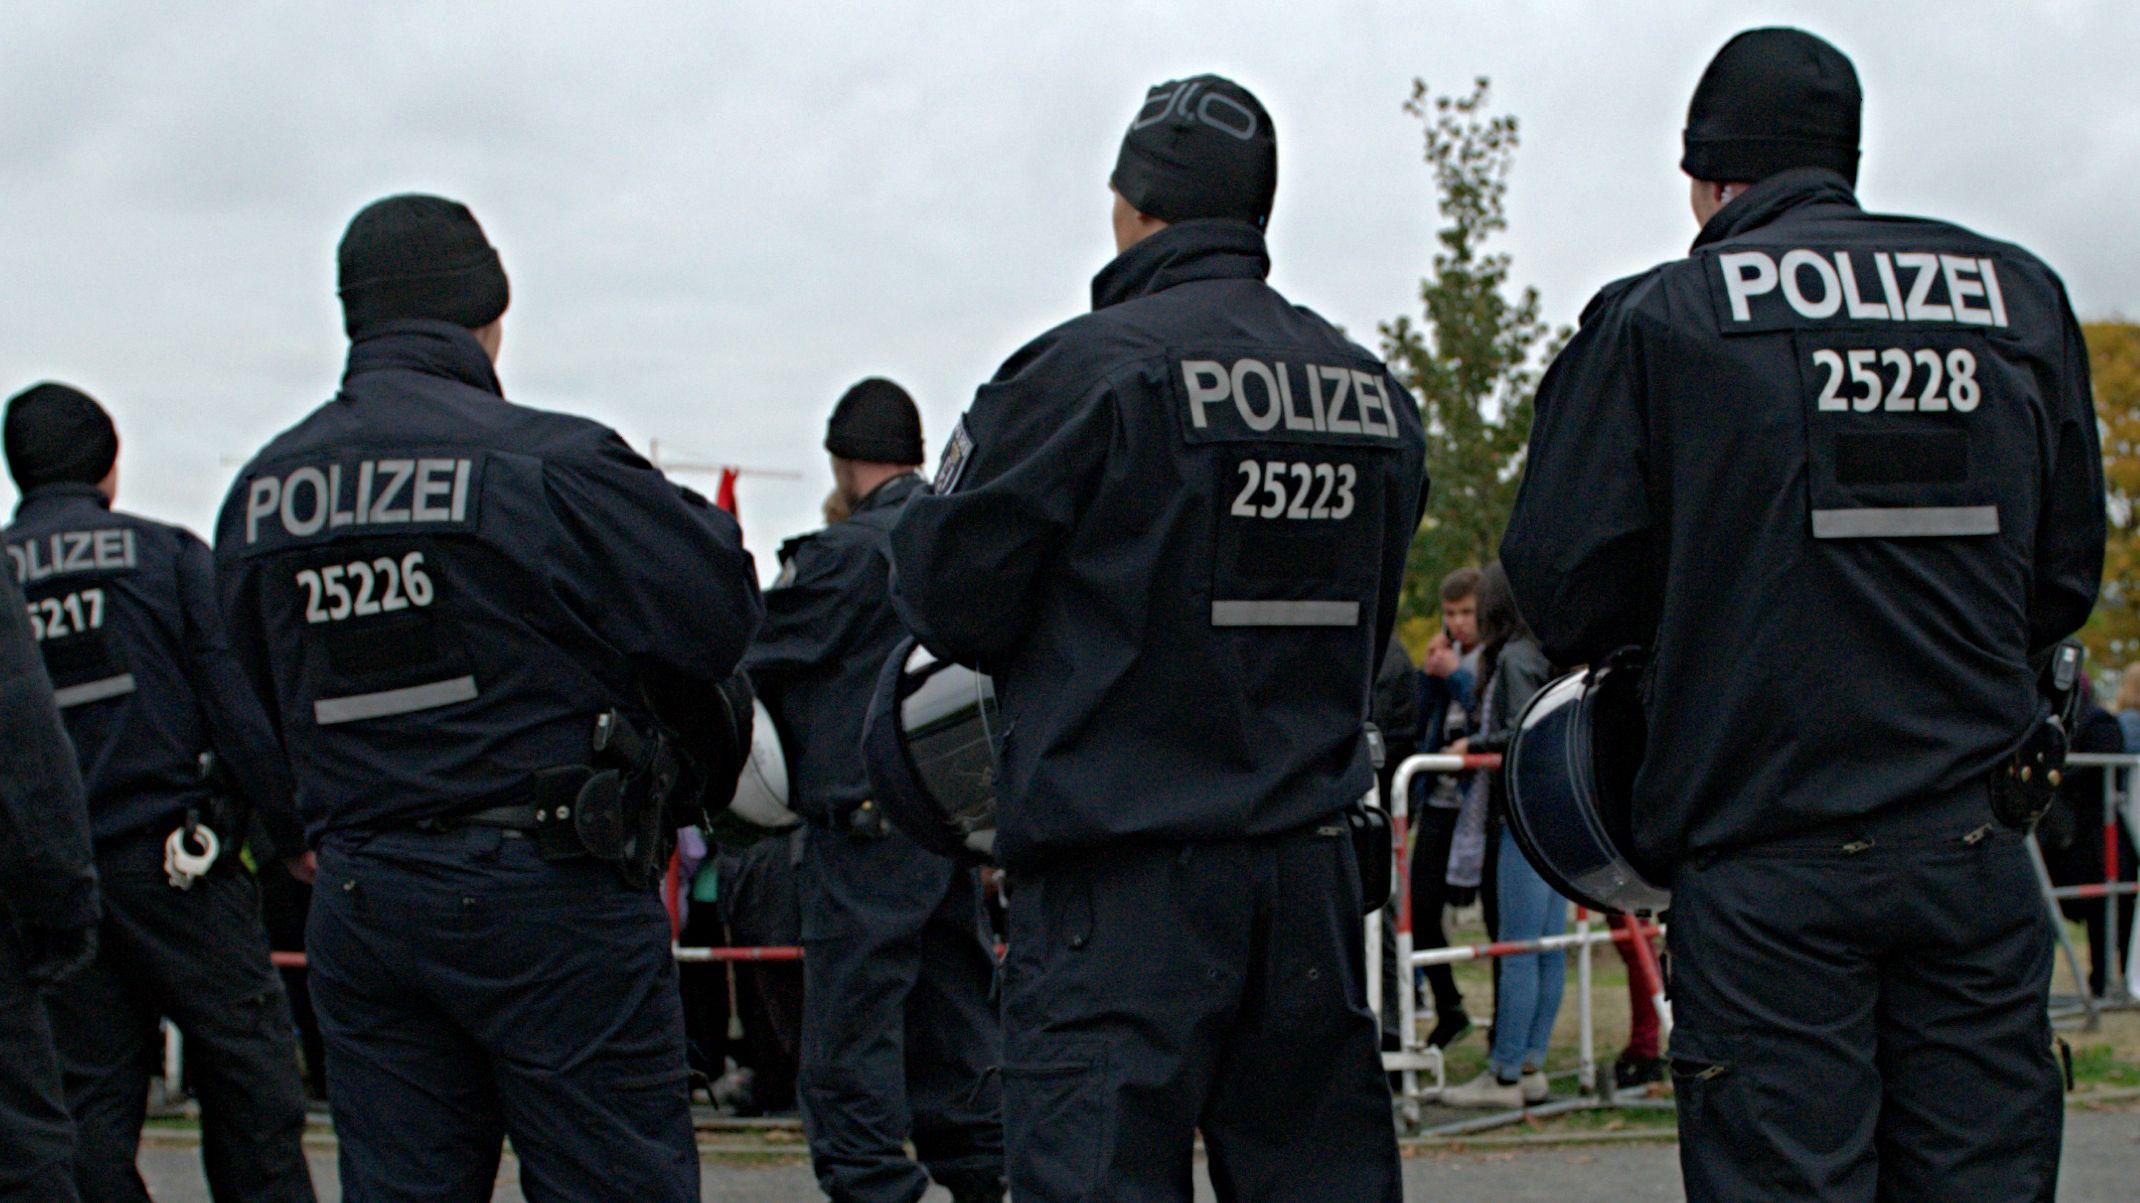 Polizisten bei einer Demonstration (Symbolbild)